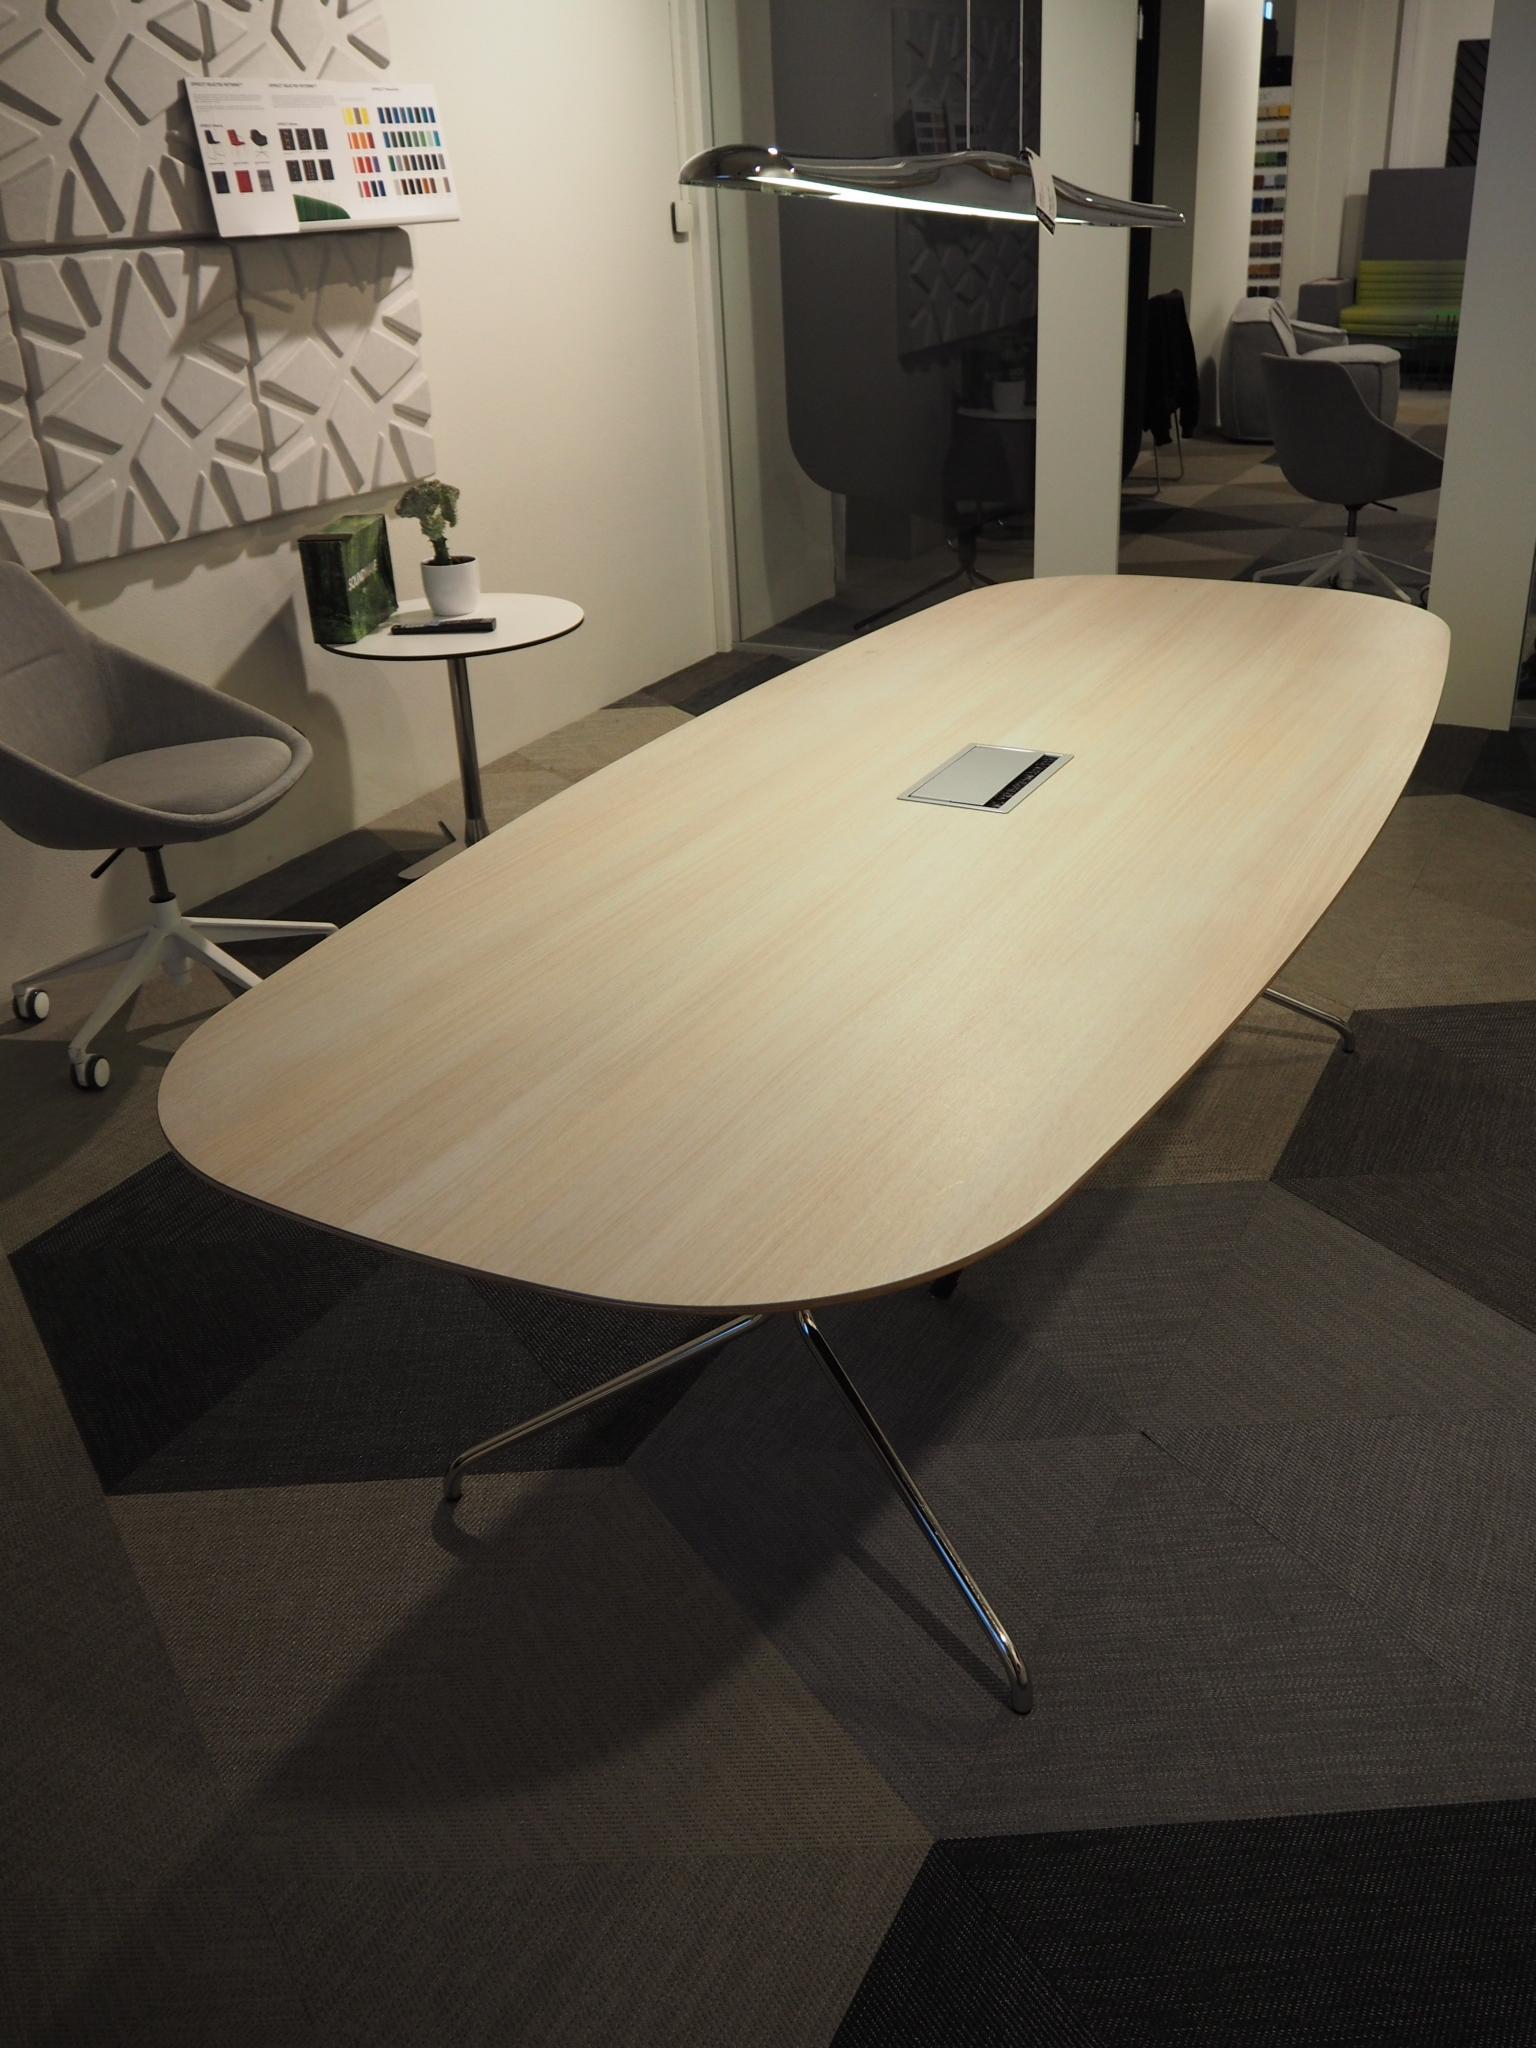 BOND BORD   Material: Formica laminat, hvitpigmentert eik Størrelse: 2400 x 1000 mm Inkl. tilbehør: Strømkilde Førpris: NOK 16'661 eks. mva  Nåpris: NOK 4'165 eks. mva